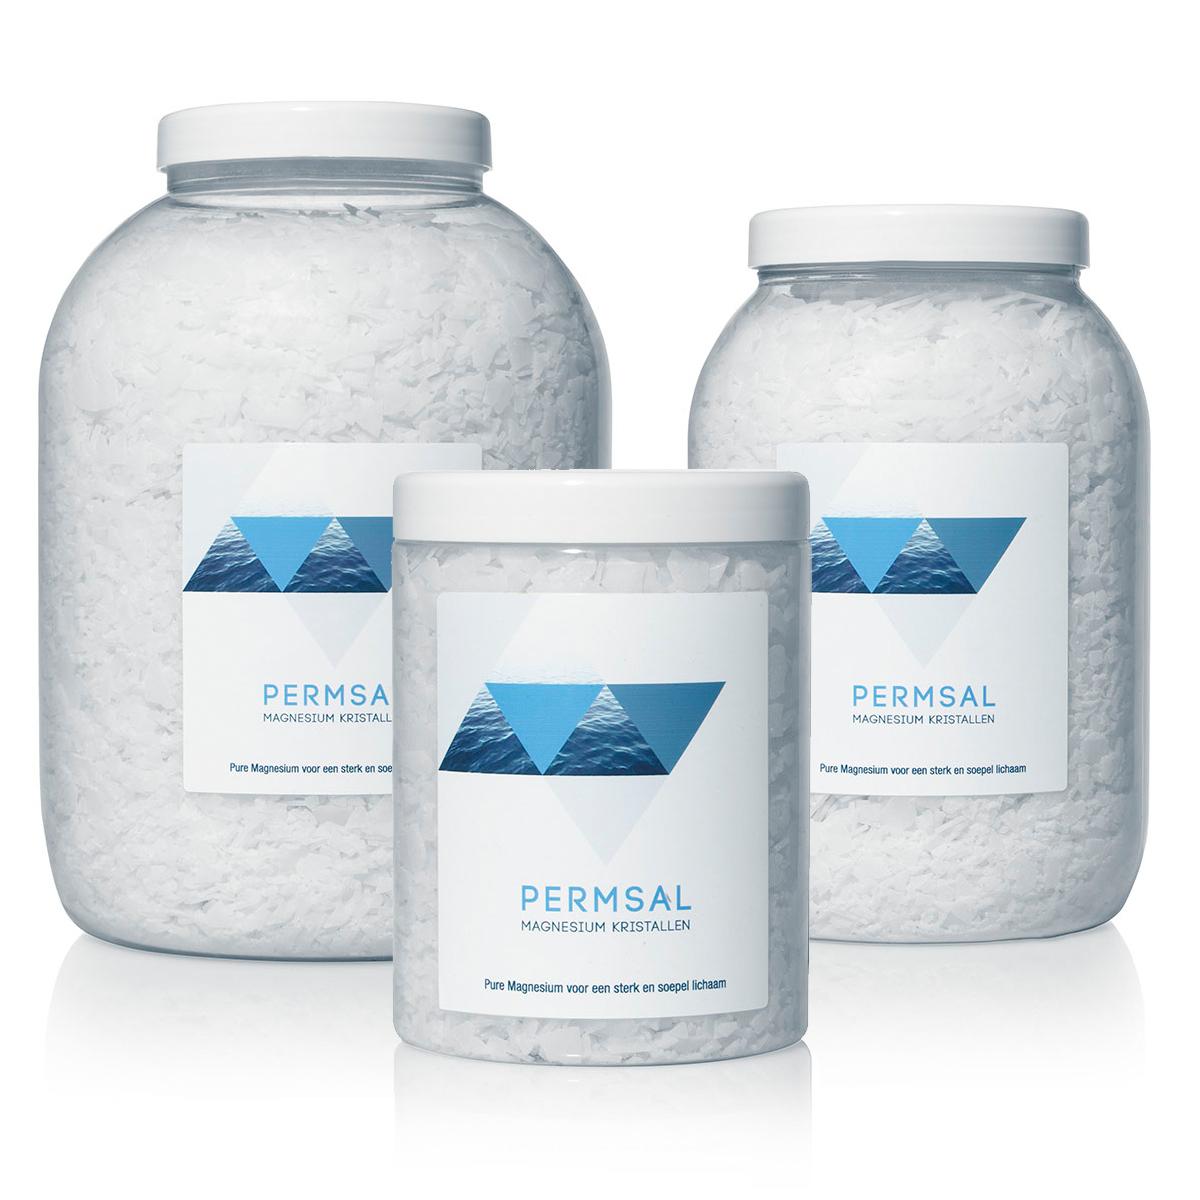 Permsal magnesium Magnesium kristallen